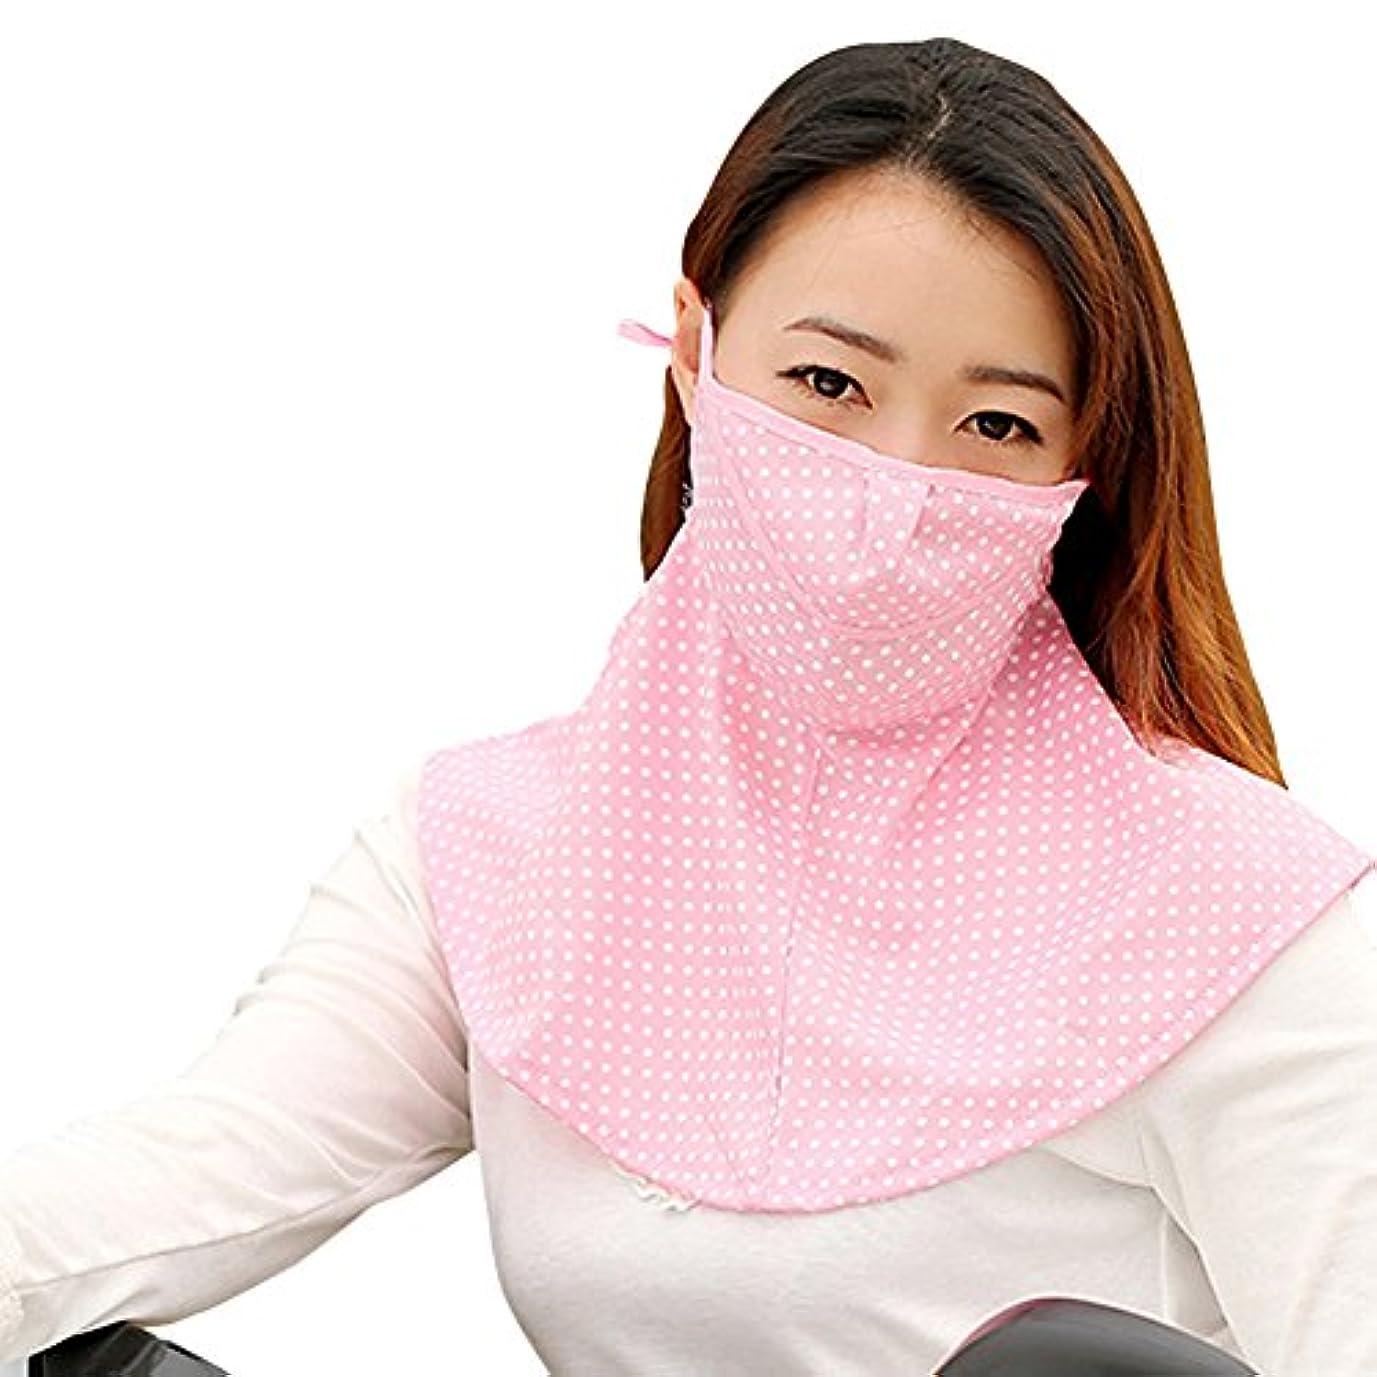 ナチュラマイクロフォンかまどPureNicot 日焼け防止 フェイスマスク UVカット 紫外線対策 農作業 ガーデニング レディース 首もともガード 3D UVマスク (ピンク ドット)